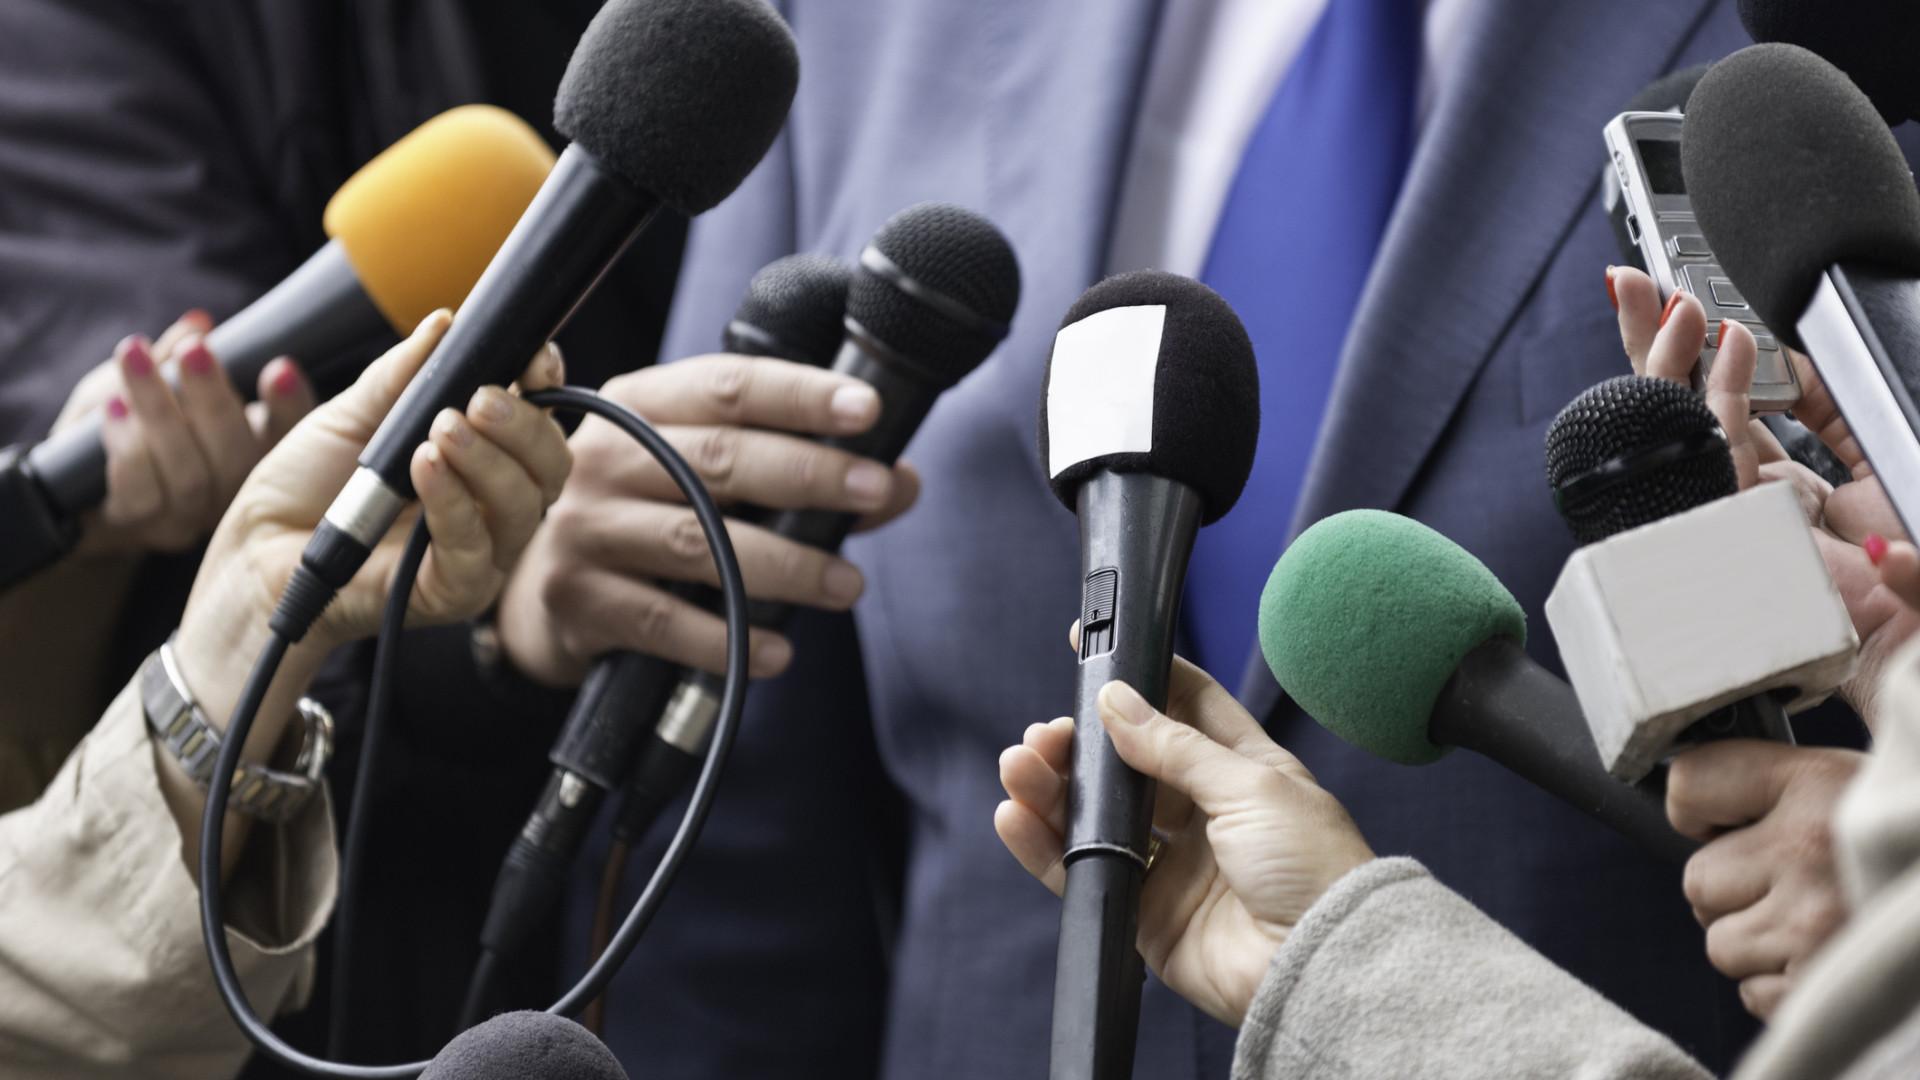 Resultado de imagem para reporteres americanos na china